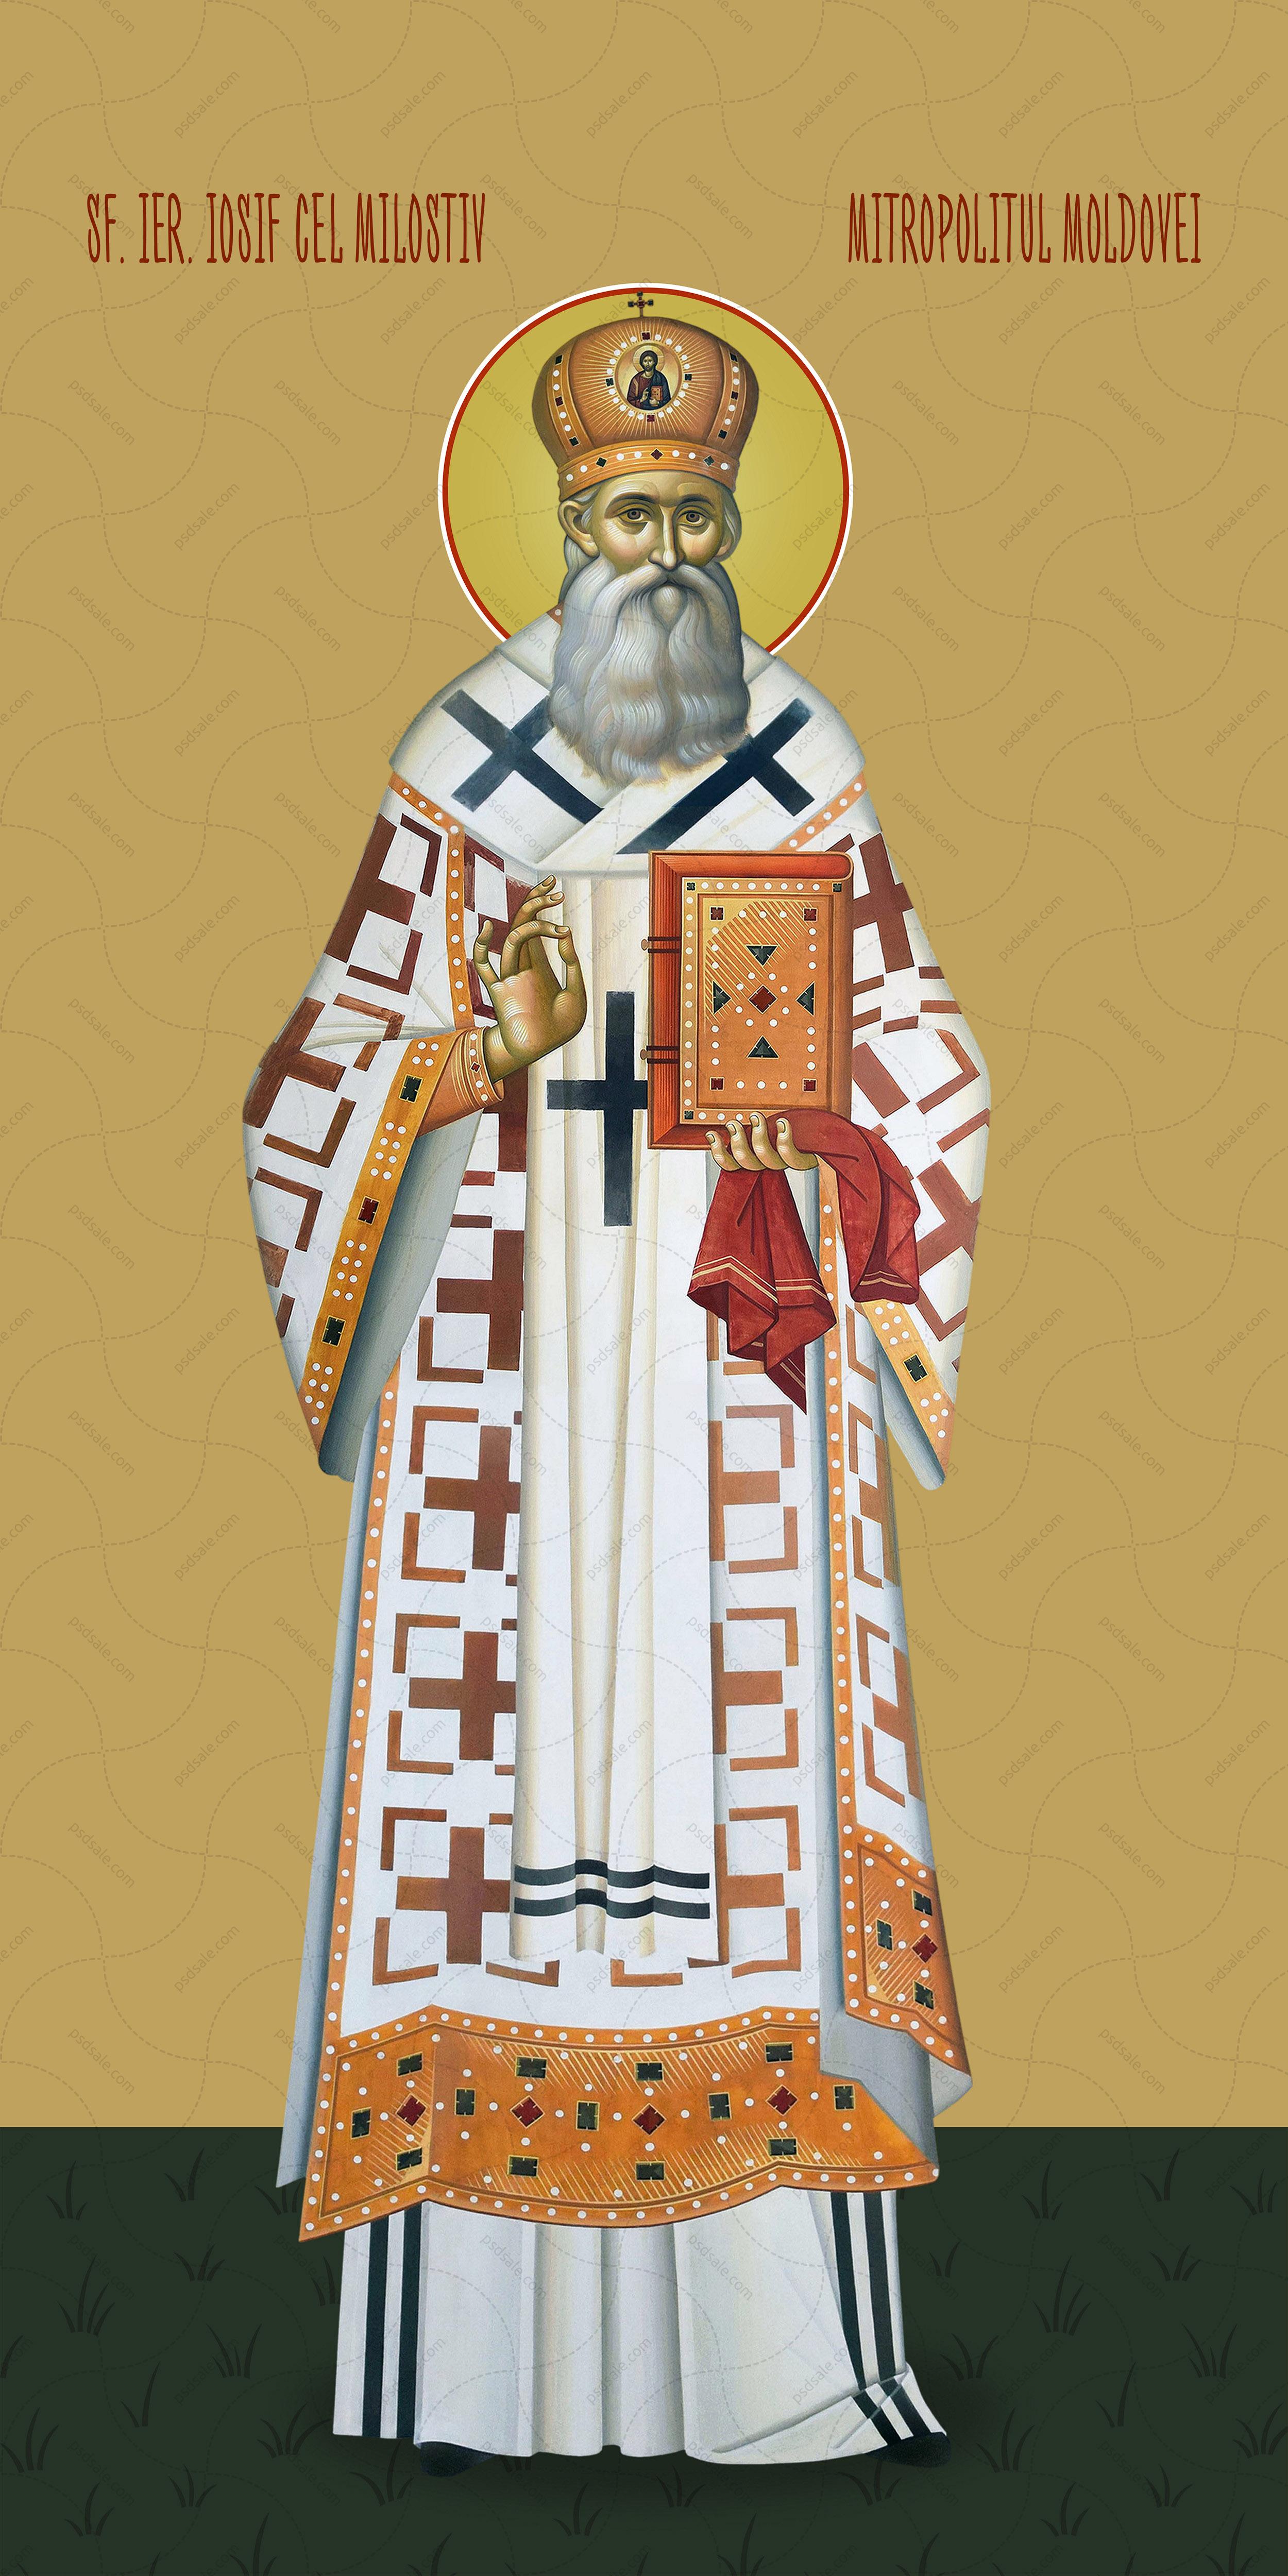 Мерная икона, Иосиф Милостивый, святитель / Sf Iosif cel Milostiv